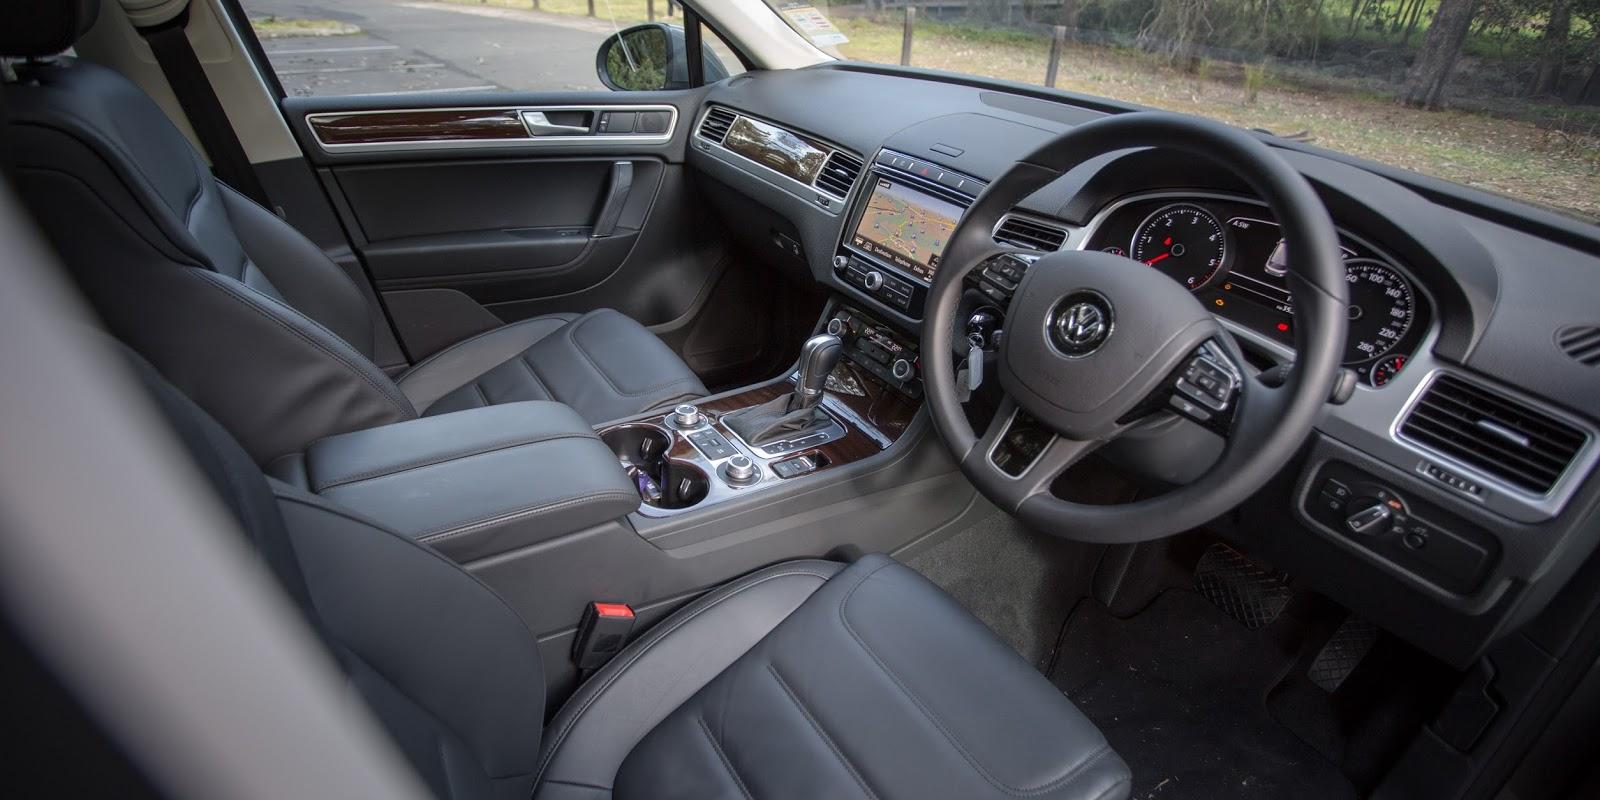 Ngồi bên trong chiếc Touareg 2016 cầm lái chắc chắn sẽ rất tuyệt